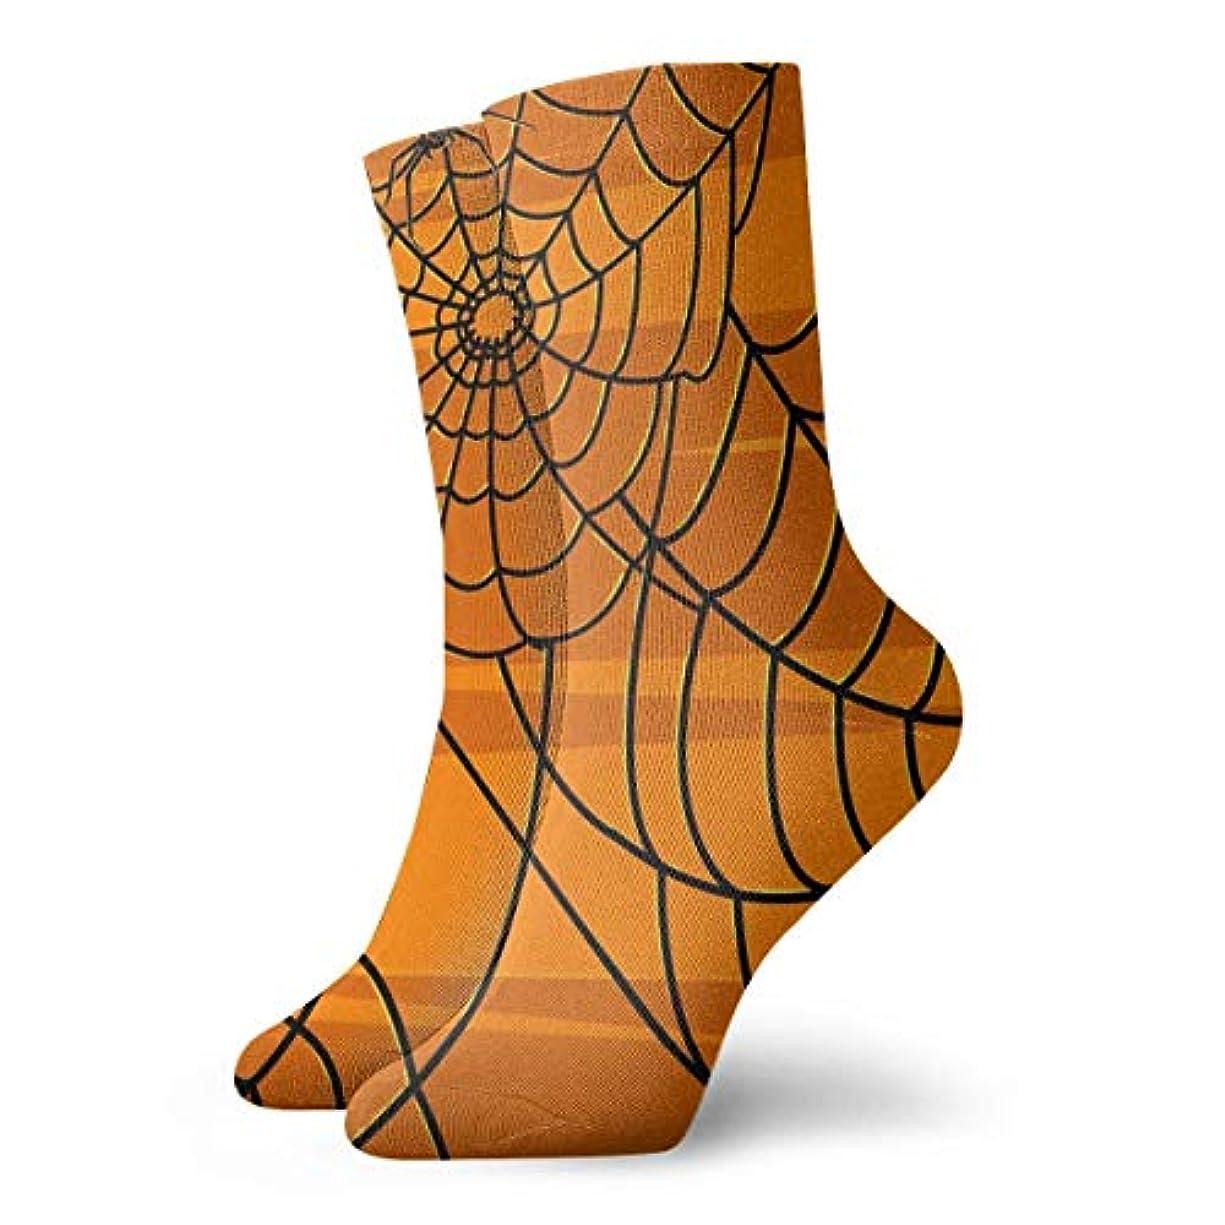 サービス天皇こだわりストックフォト- Qrriy女性のハロウィンスパイダーウェブパンプキンソフトクリスマス膝のストッキングスリッパソックス、クリスマス楽しいカラフルな靴下